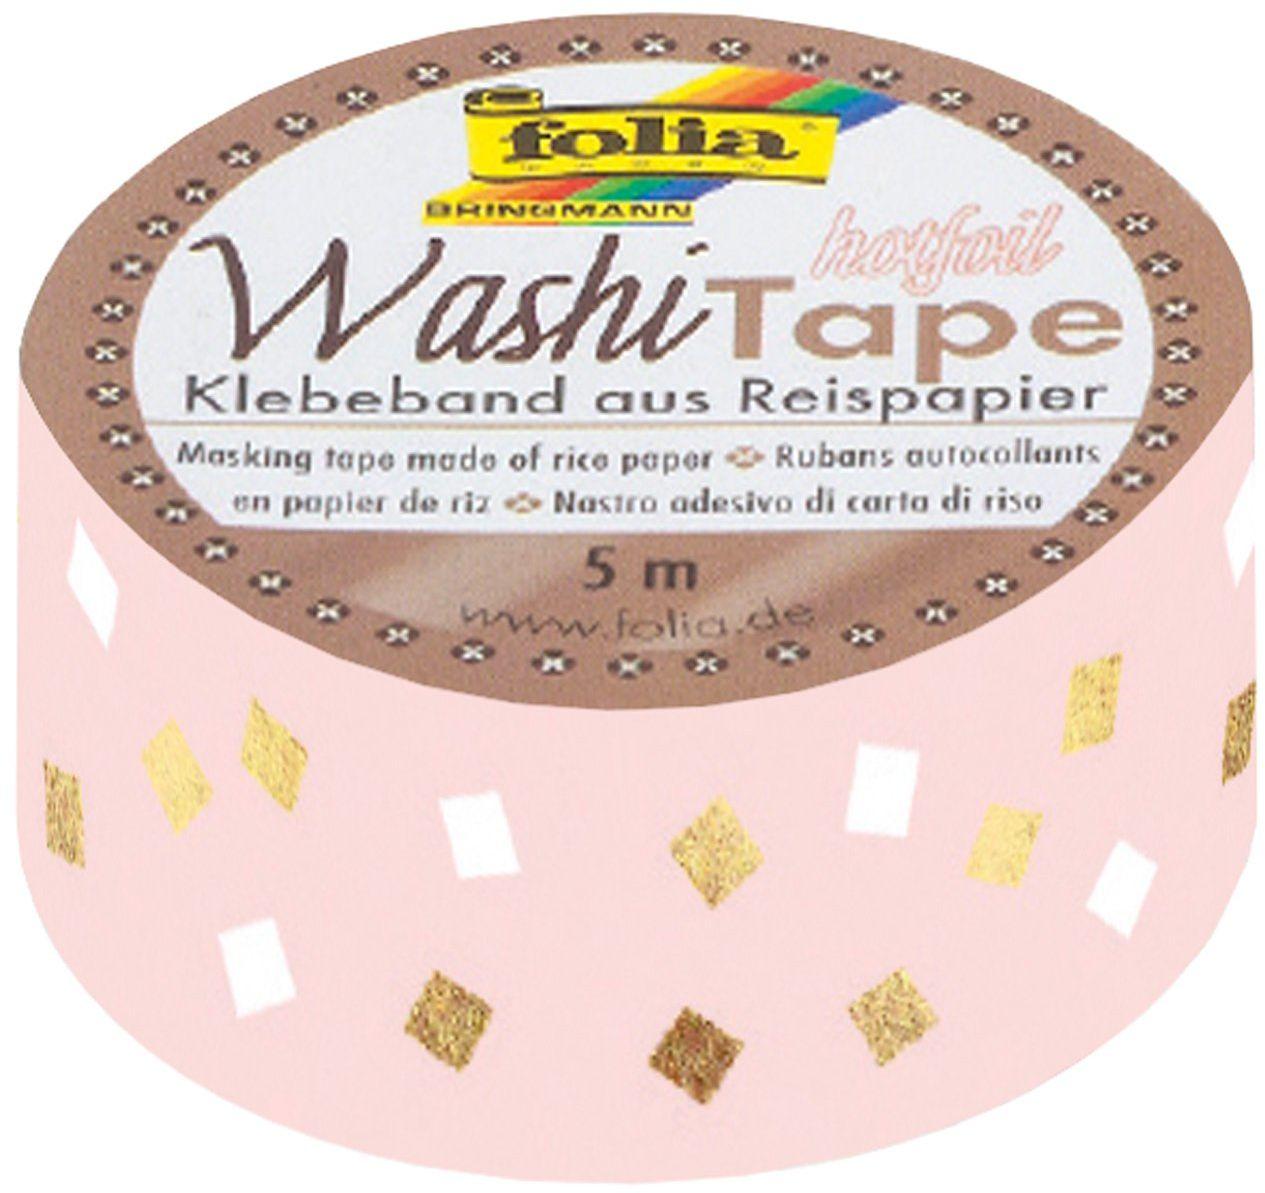 Folia 26109 - taśma Washi, taśma klejąca z papieru ryżowego, Hotfoil złoty czworokątny, 1 rolka ok. 5 m x 15 mm - idealna do ozdabiania i dekorowania